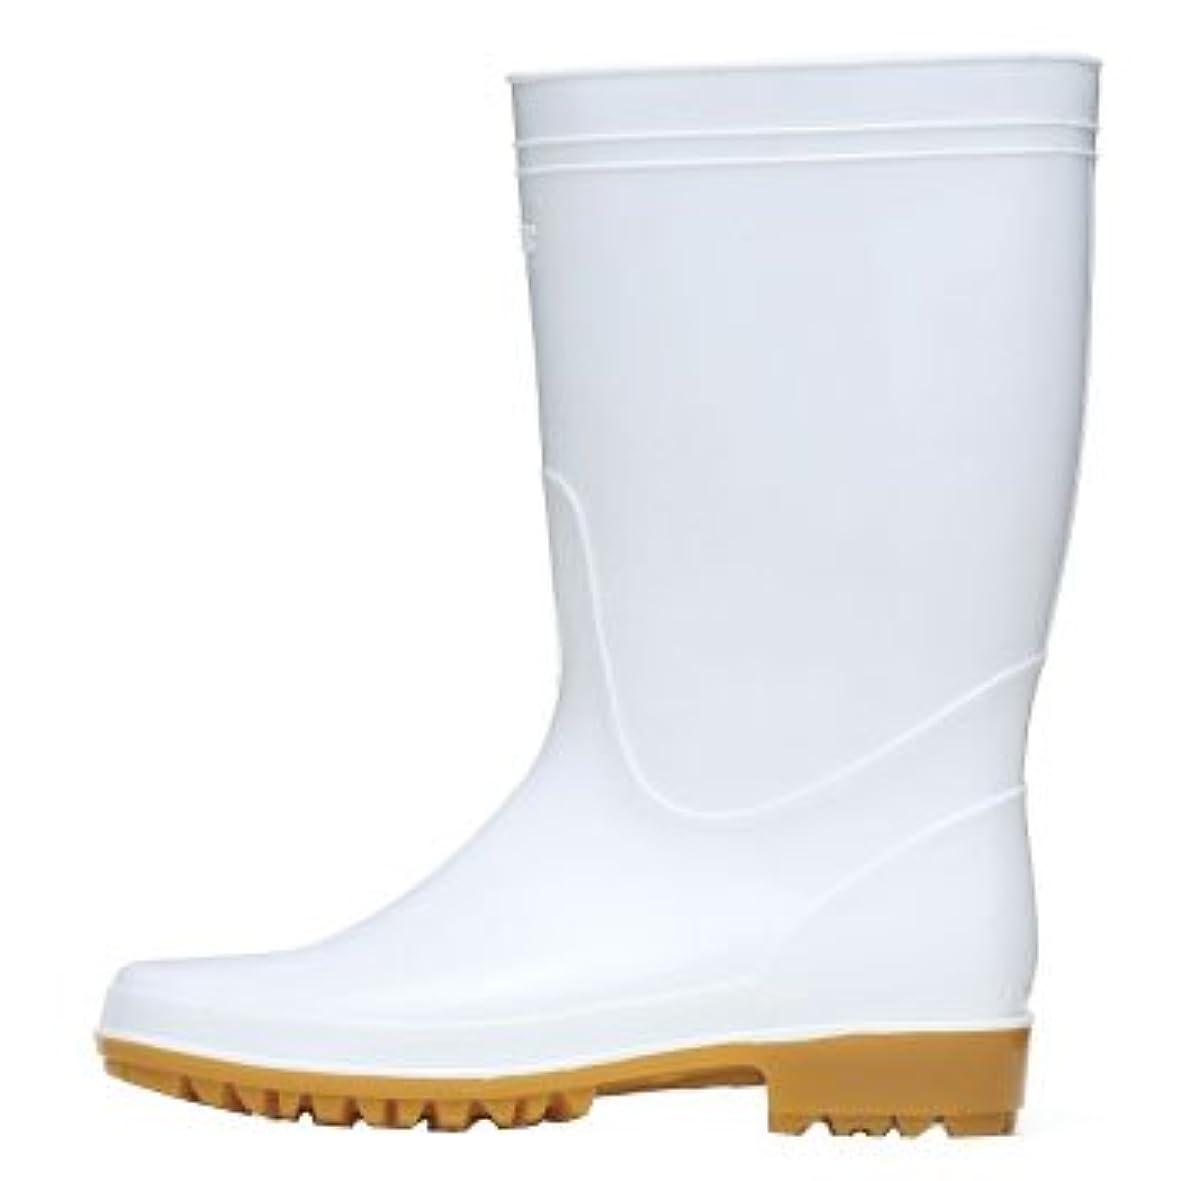 ルー病なファンジーベック 衛生長靴(抗菌?防臭中底)耐油性 23.5cm ホワイト 85762